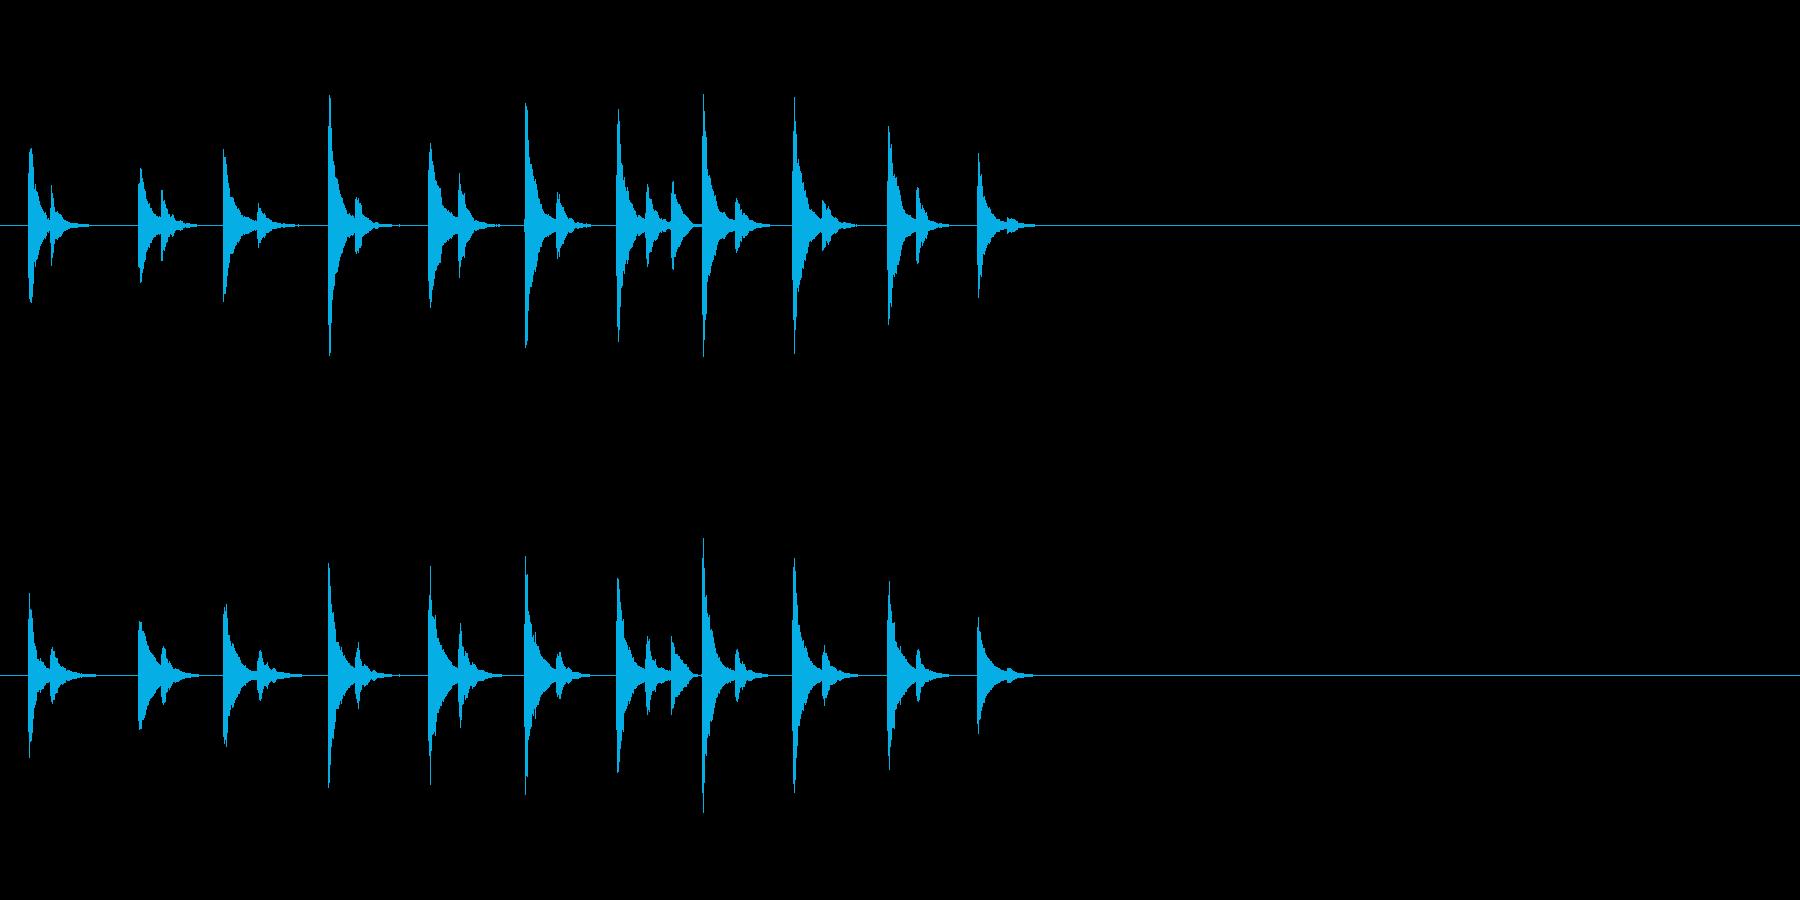 カンカンカン!ある飾り物の金属音の再生済みの波形